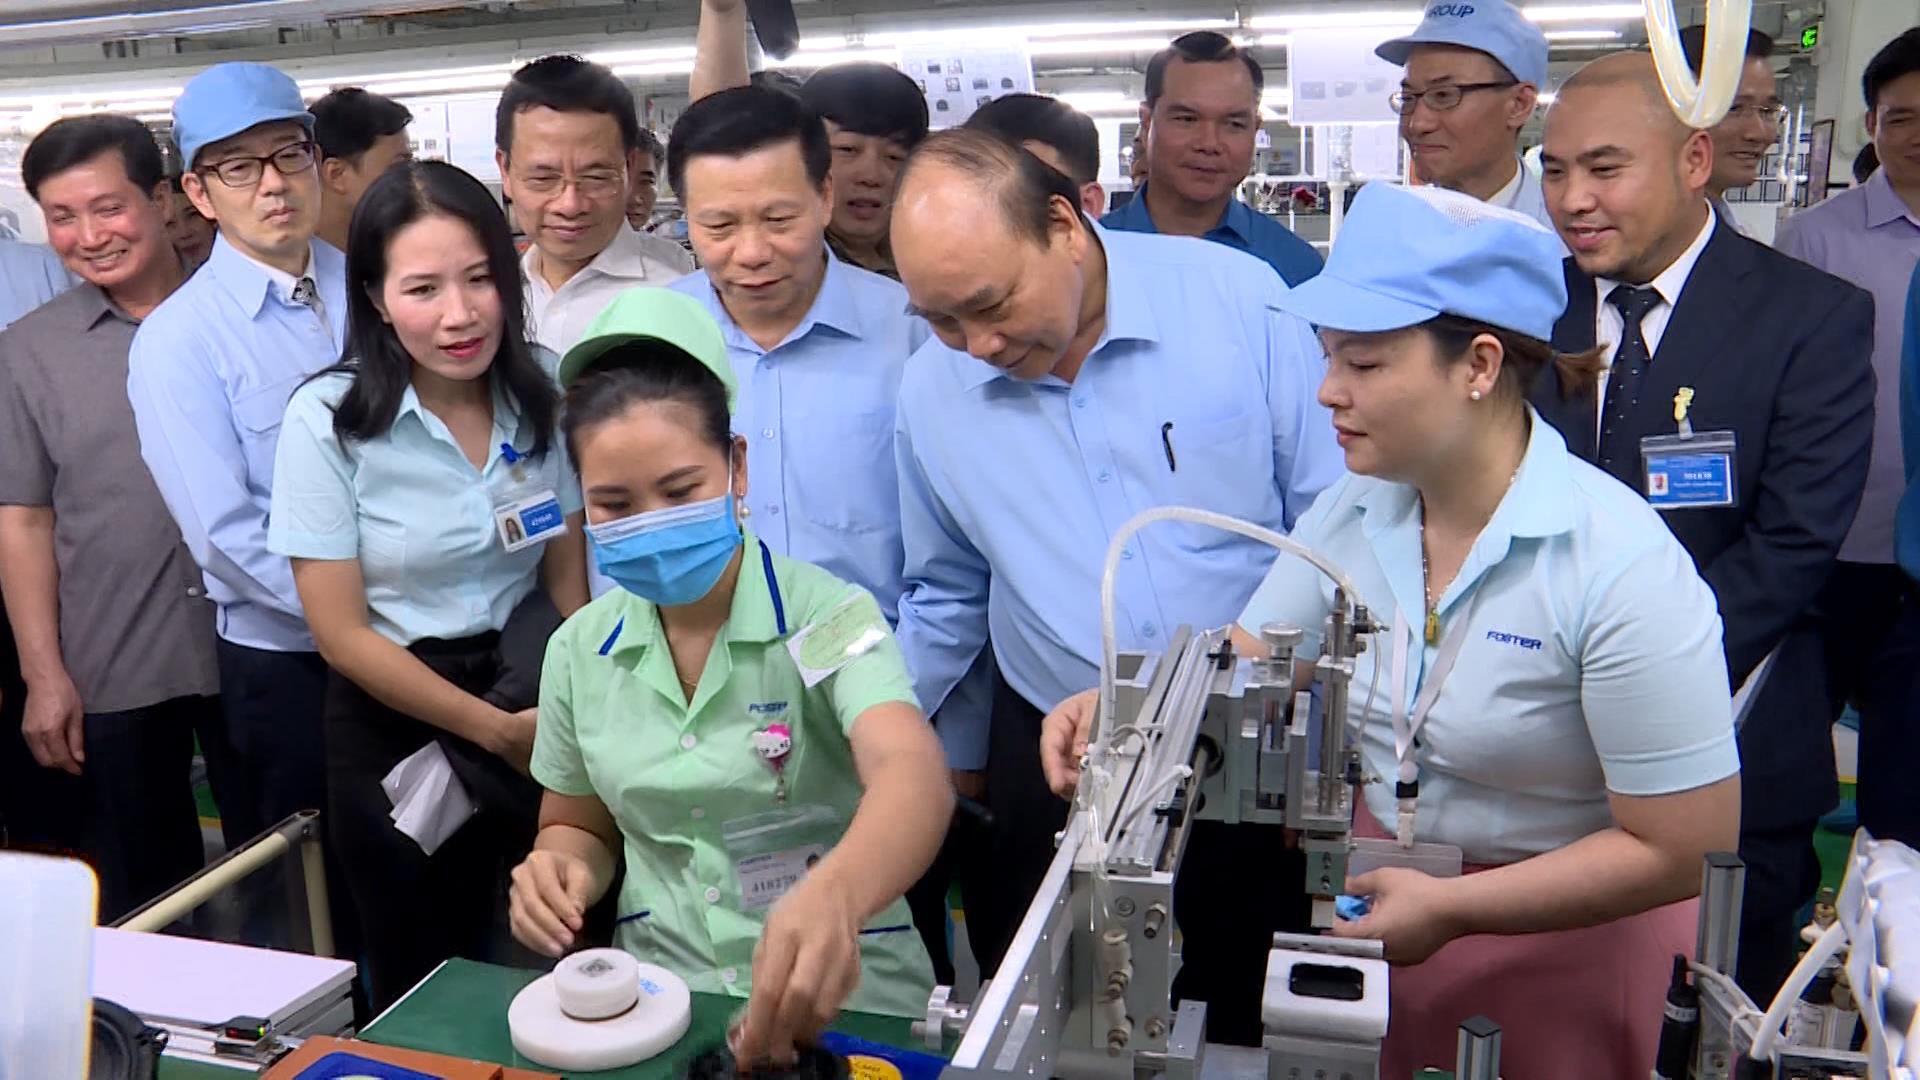 Thủ tướng Chính phủ thăm, làm việc và tặng quà công nhân lao động Công ty Foster Việt Nam